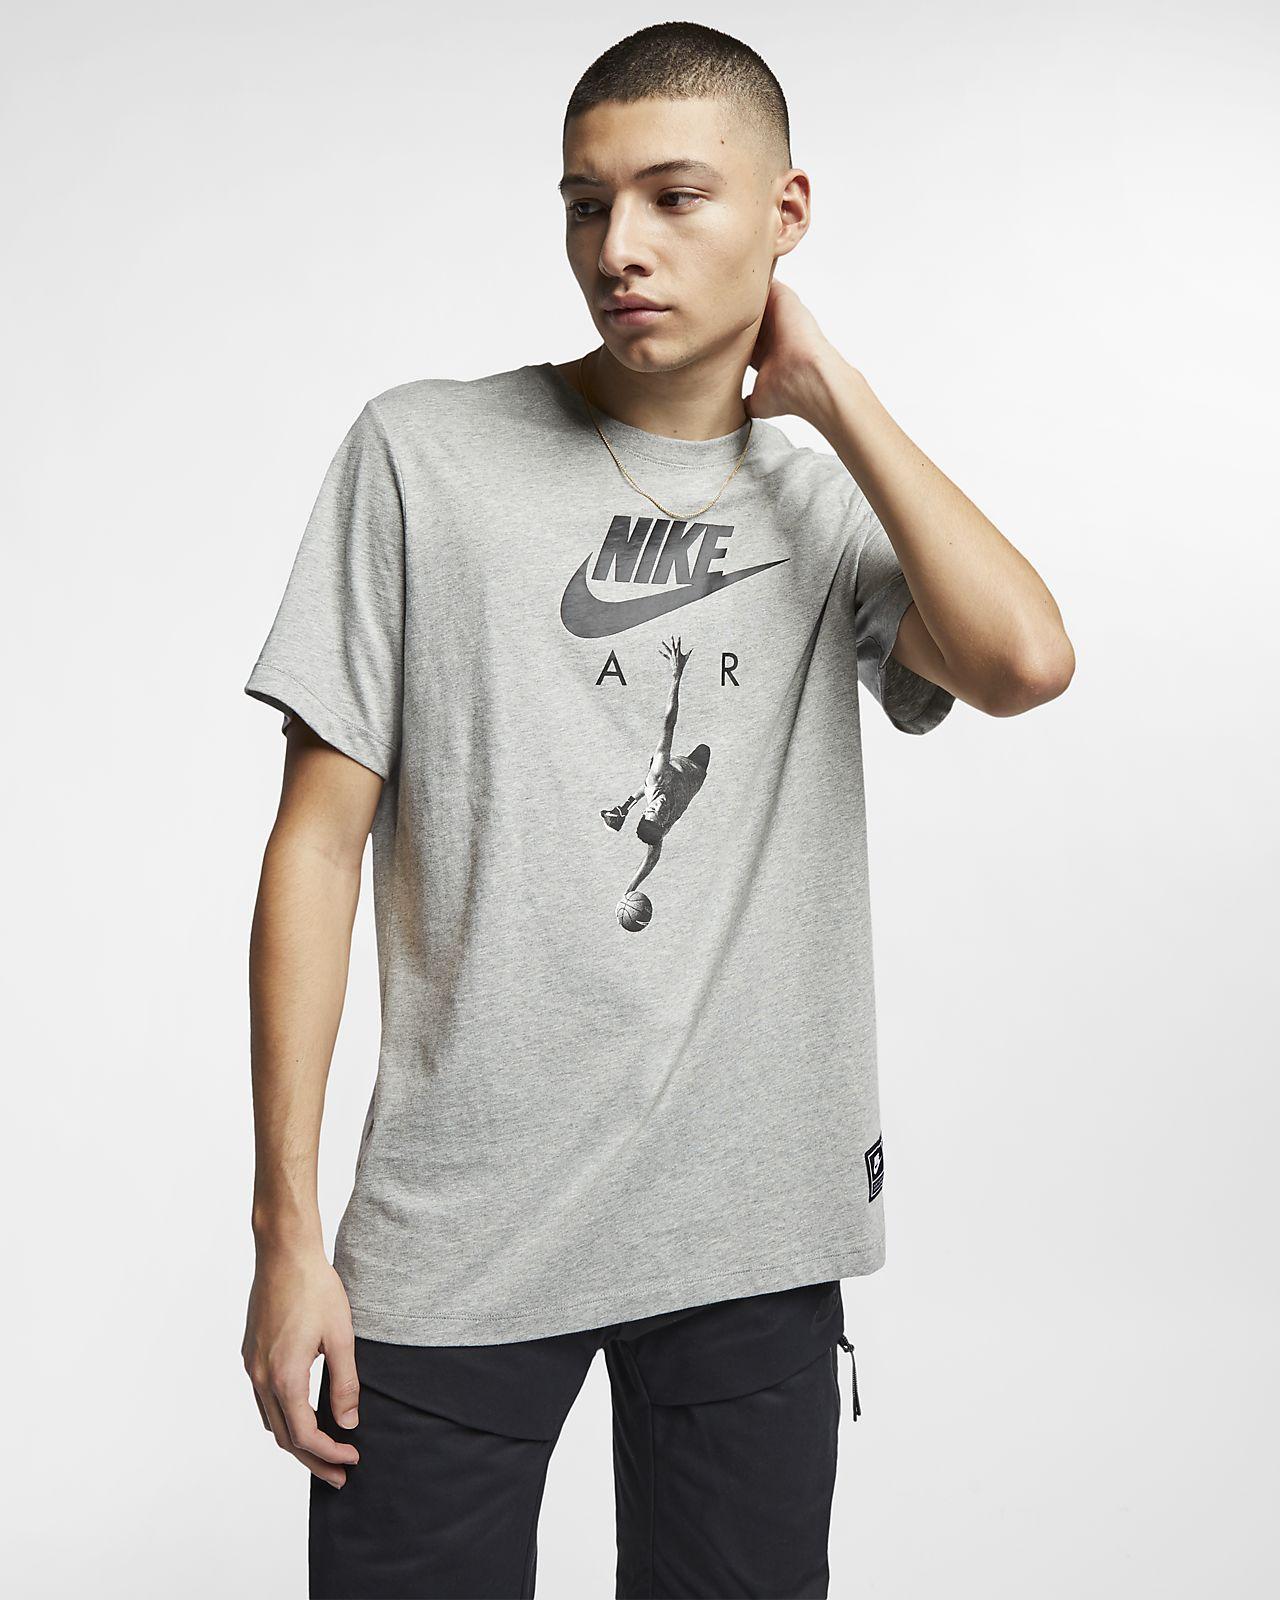 Pour Shirt Tee Nike Air HommeBe 3j5LRq4A